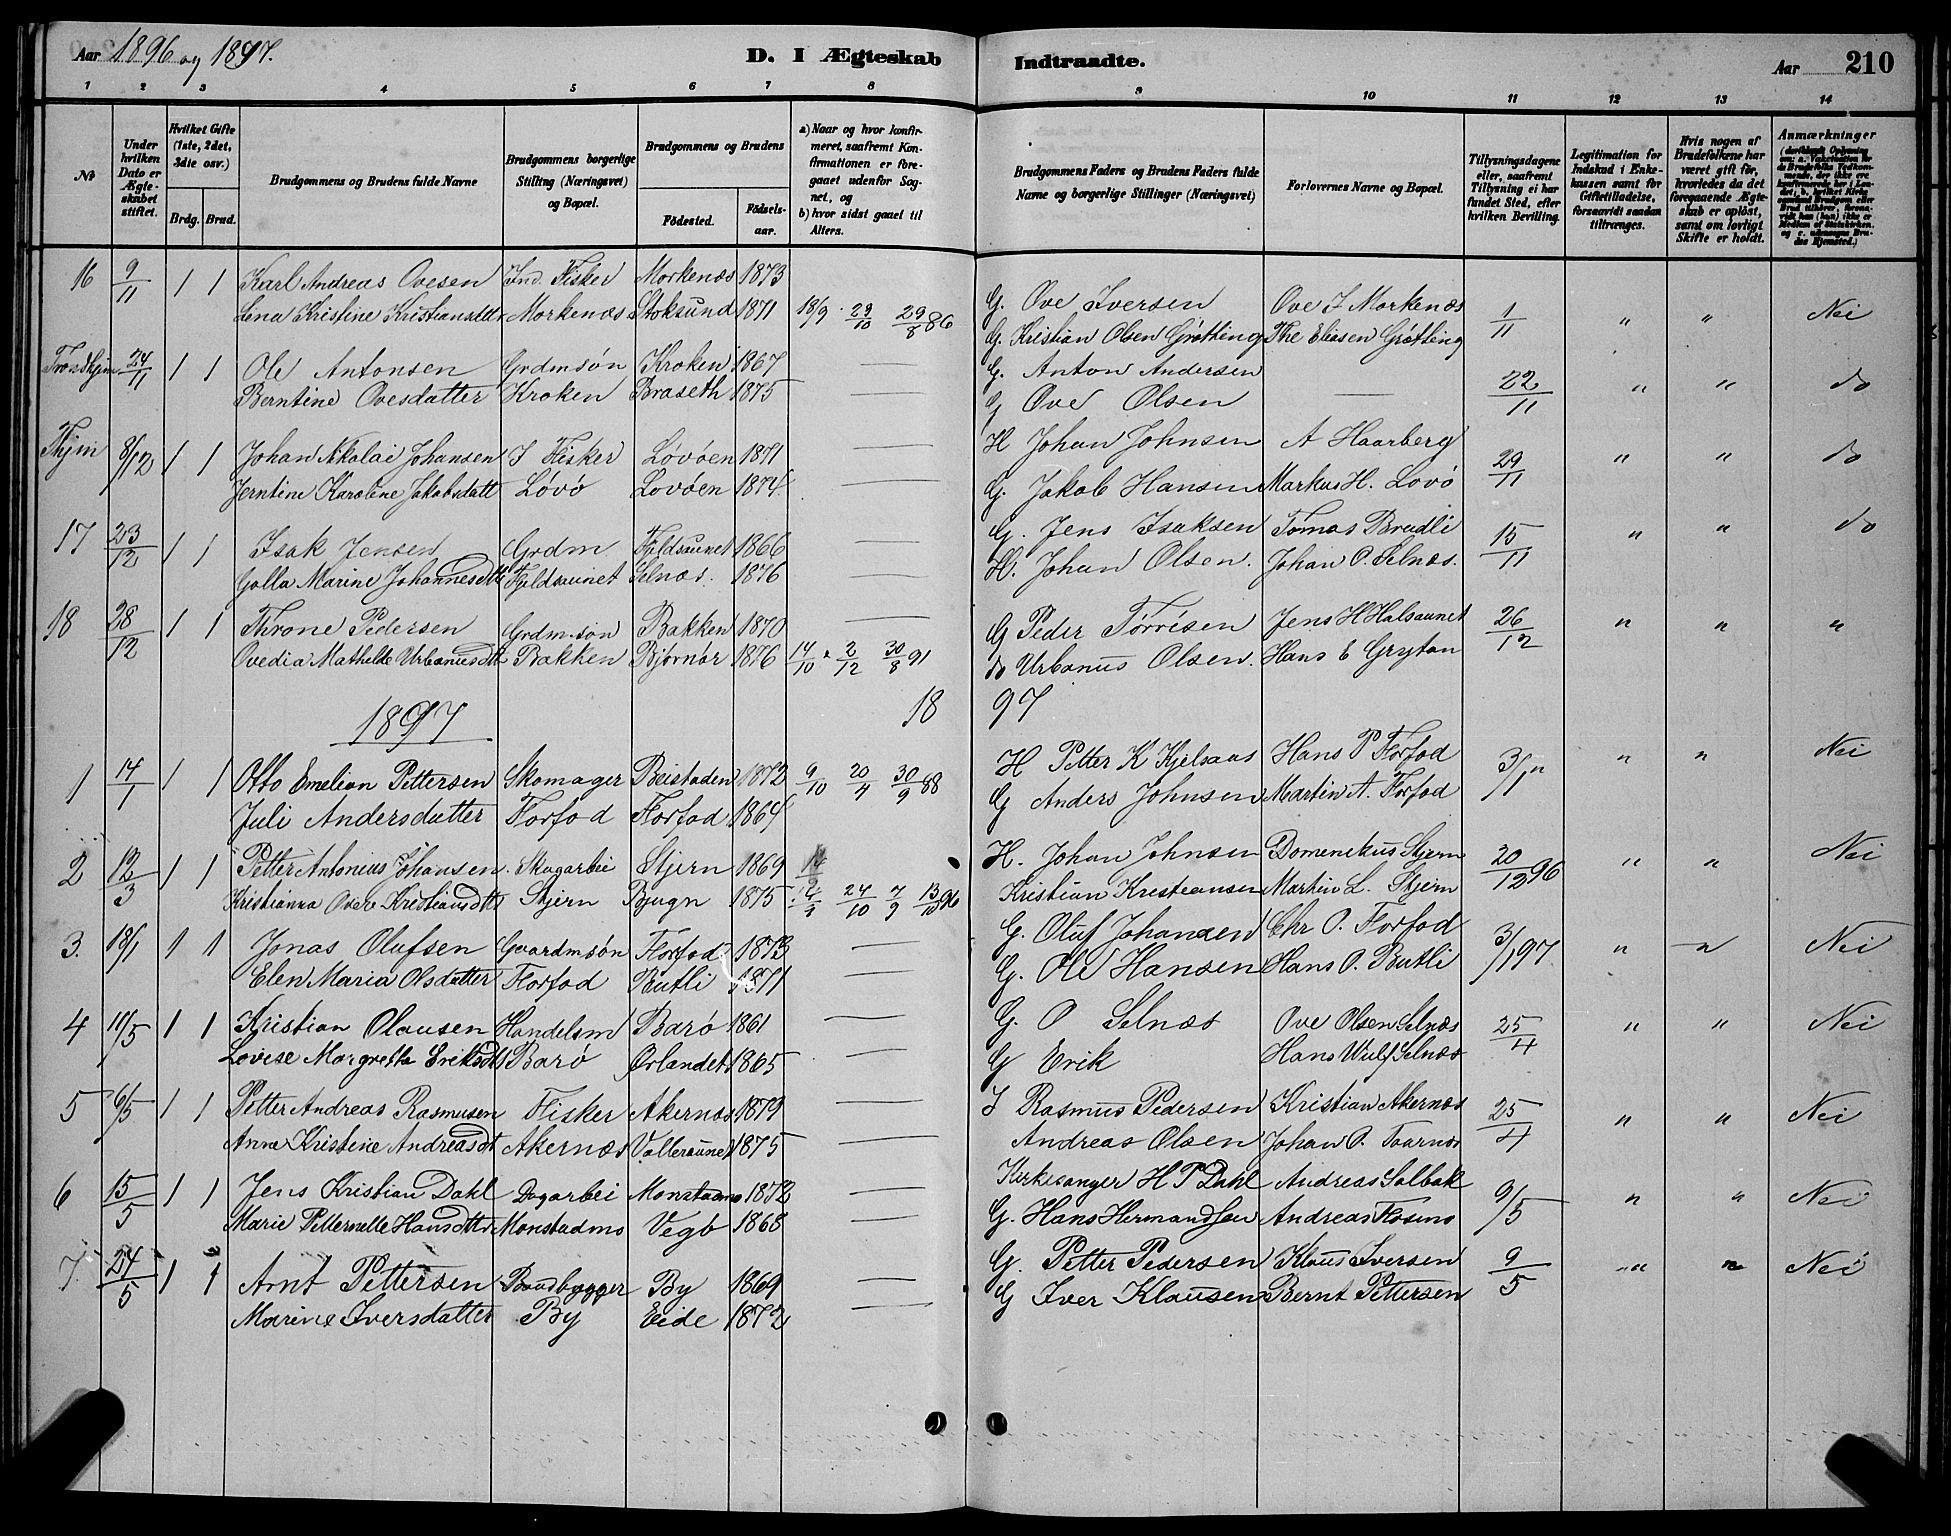 SAT, Ministerialprotokoller, klokkerbøker og fødselsregistre - Sør-Trøndelag, 655/L0687: Klokkerbok nr. 655C03, 1880-1898, s. 210